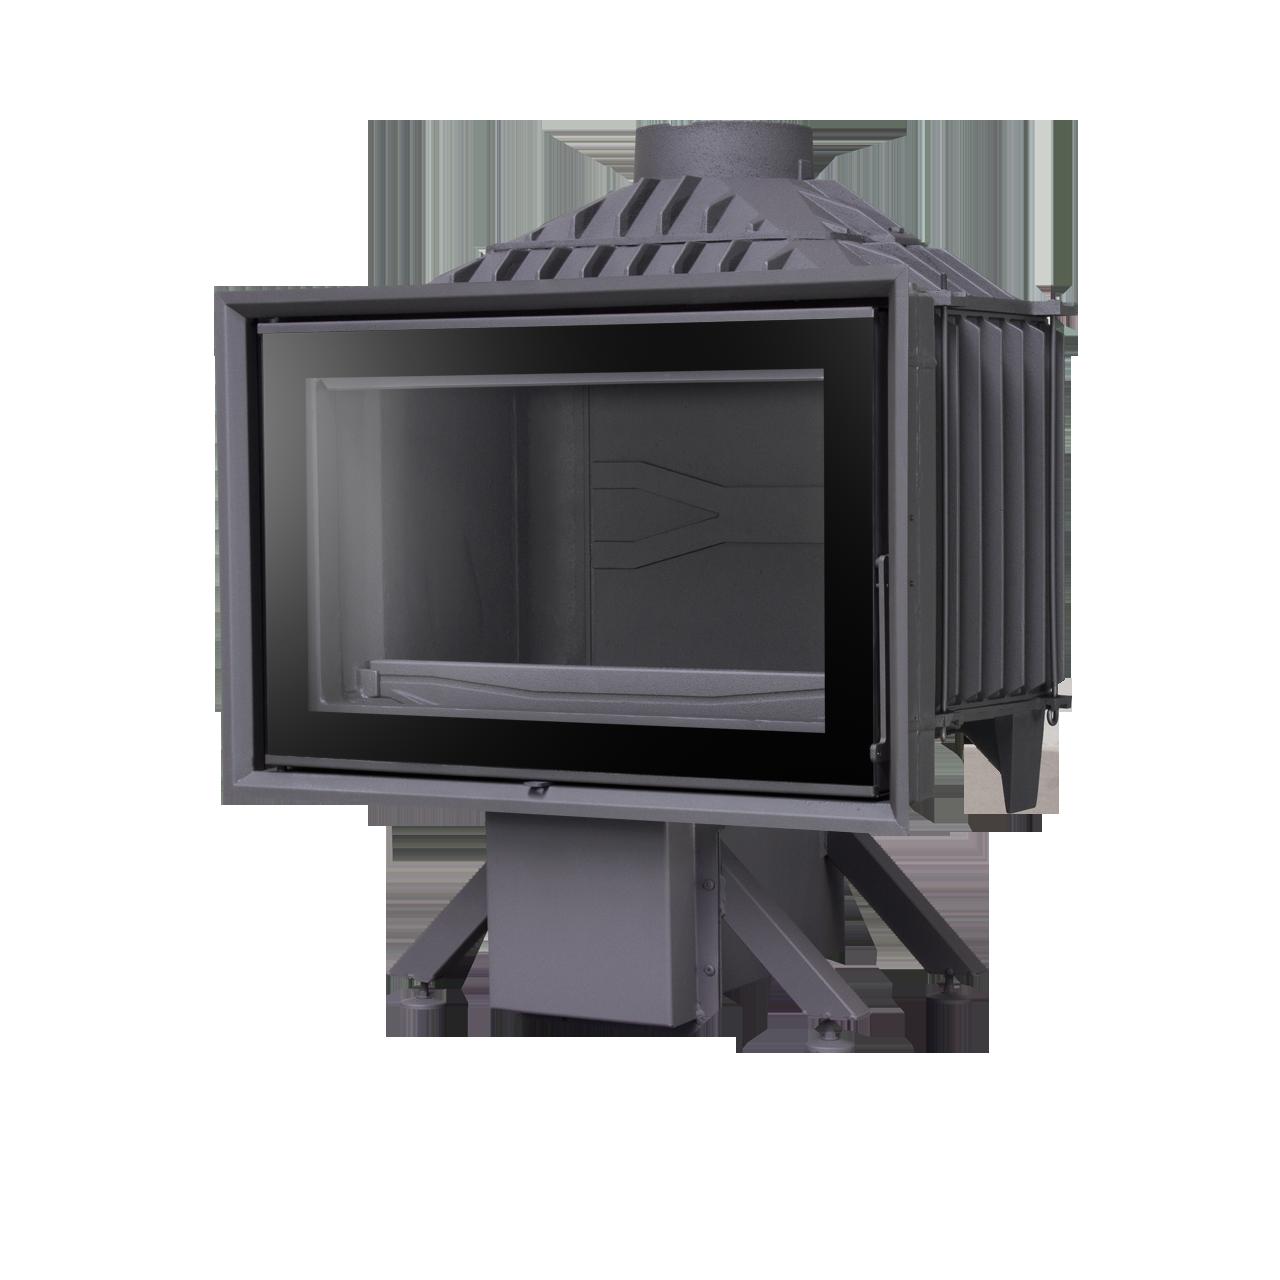 Wklad Kominkowy Powietrzny Kfd Eco Ilux 90 Kominek Fireplace Http Www Wkladykominkowe Net Pl Produkt Wklad Kominkowy Powietrzny Kfd Eco Ilux 90